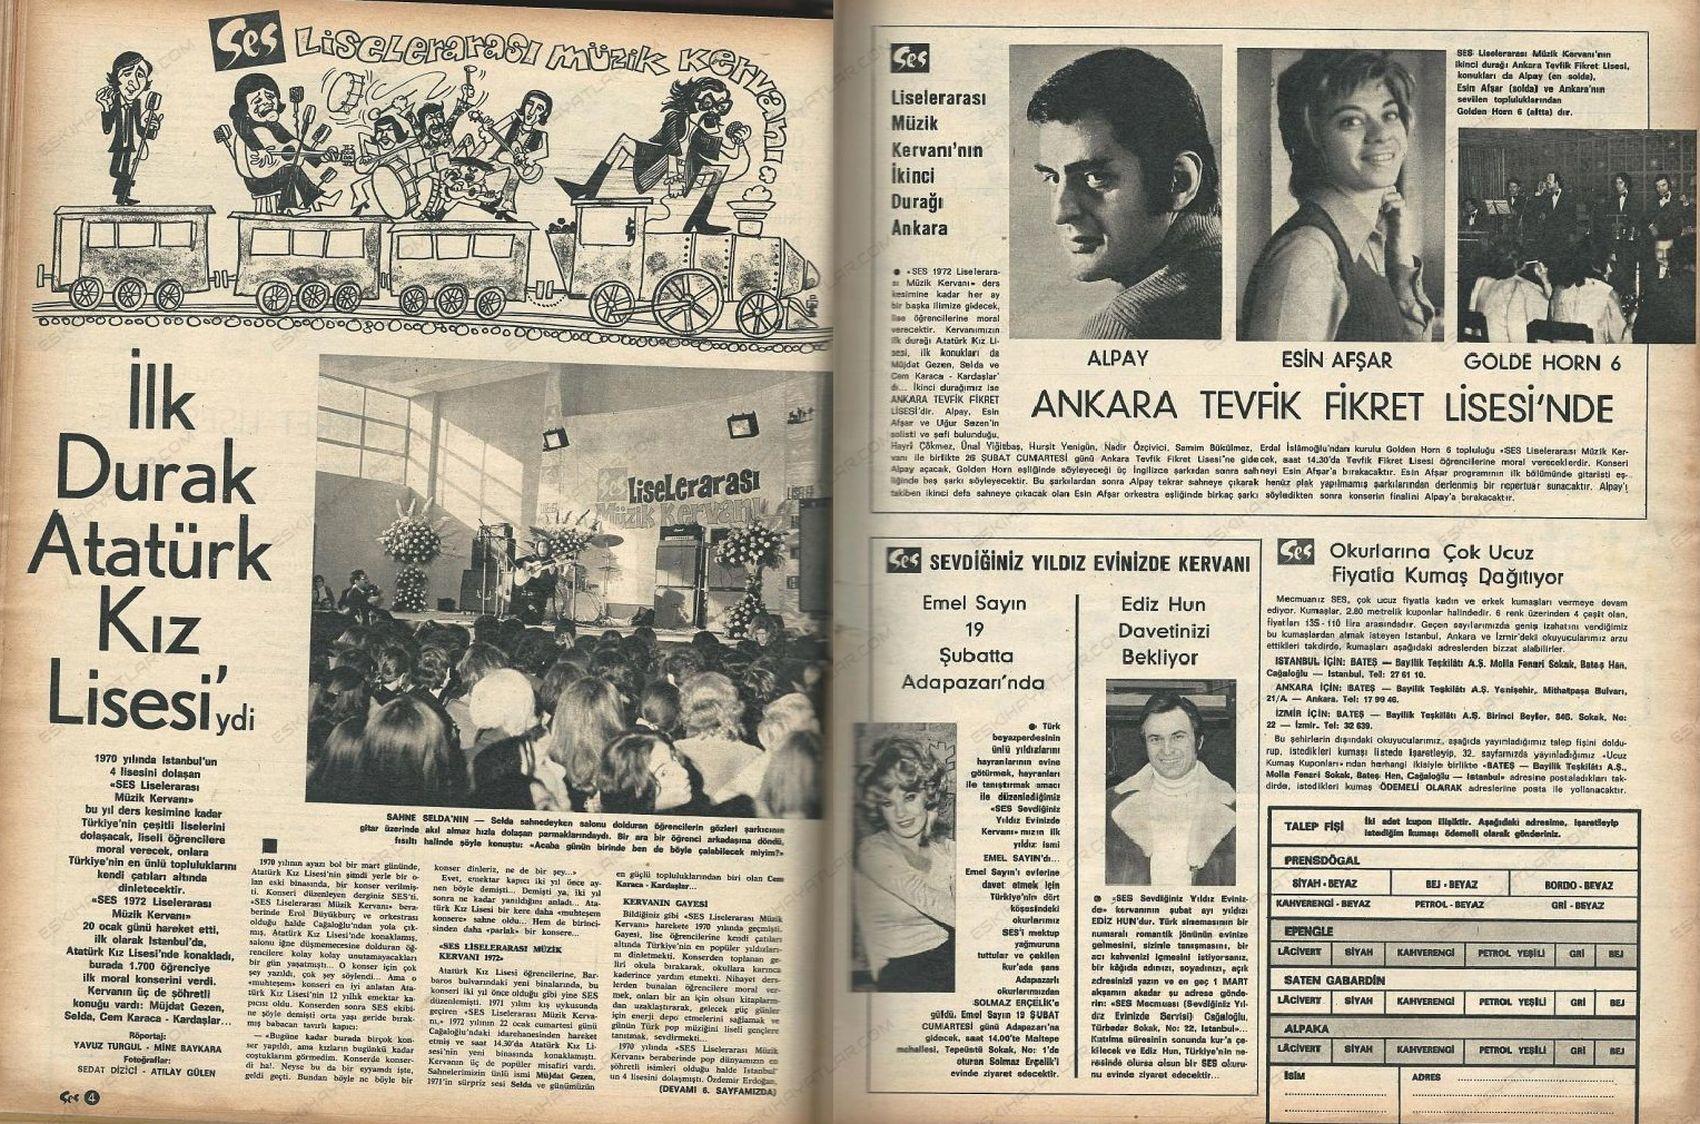 0121-liselerarasi-muzik-yarismasi-1972-ses-dergisi-cem-karaca-esin-afsar-selda-bagcan-konser-fotograflari-muzik-kervani (3)